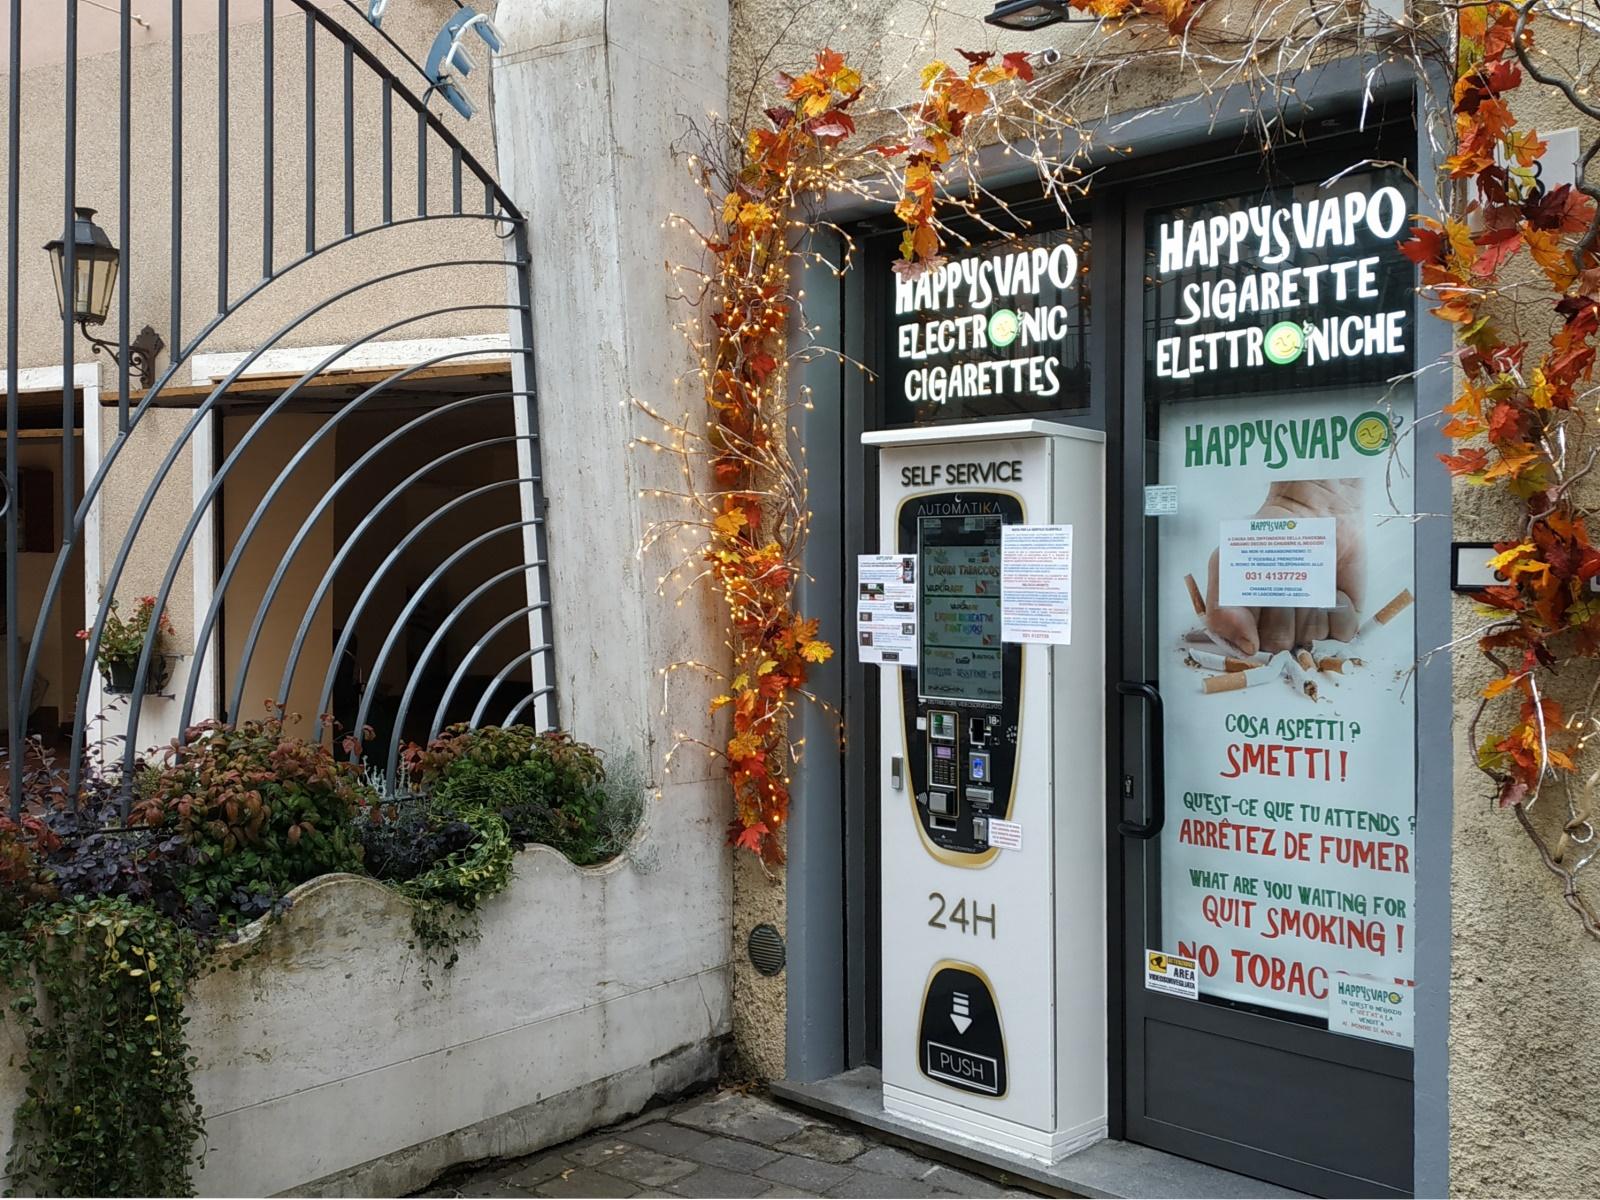 Como negozi happy smoker sigarette elettroniche brianza for Negozi arredamento como